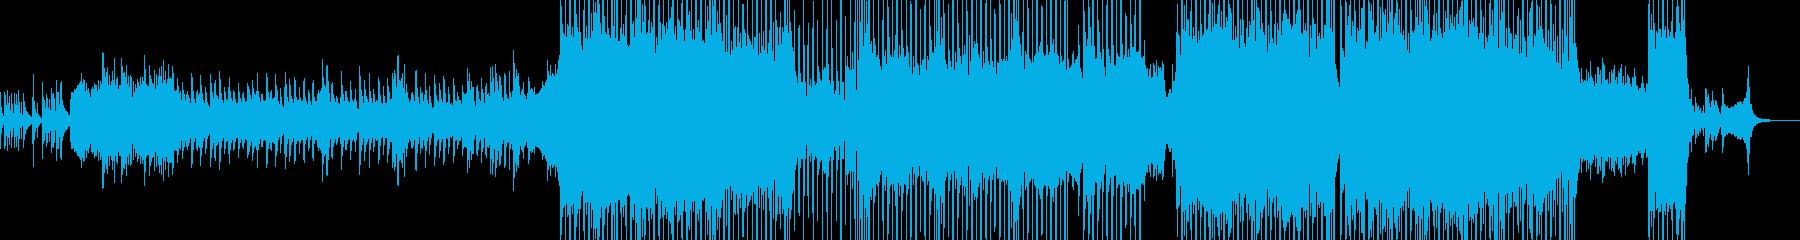 2人が結ばれる演出に・スローテクノ Bの再生済みの波形